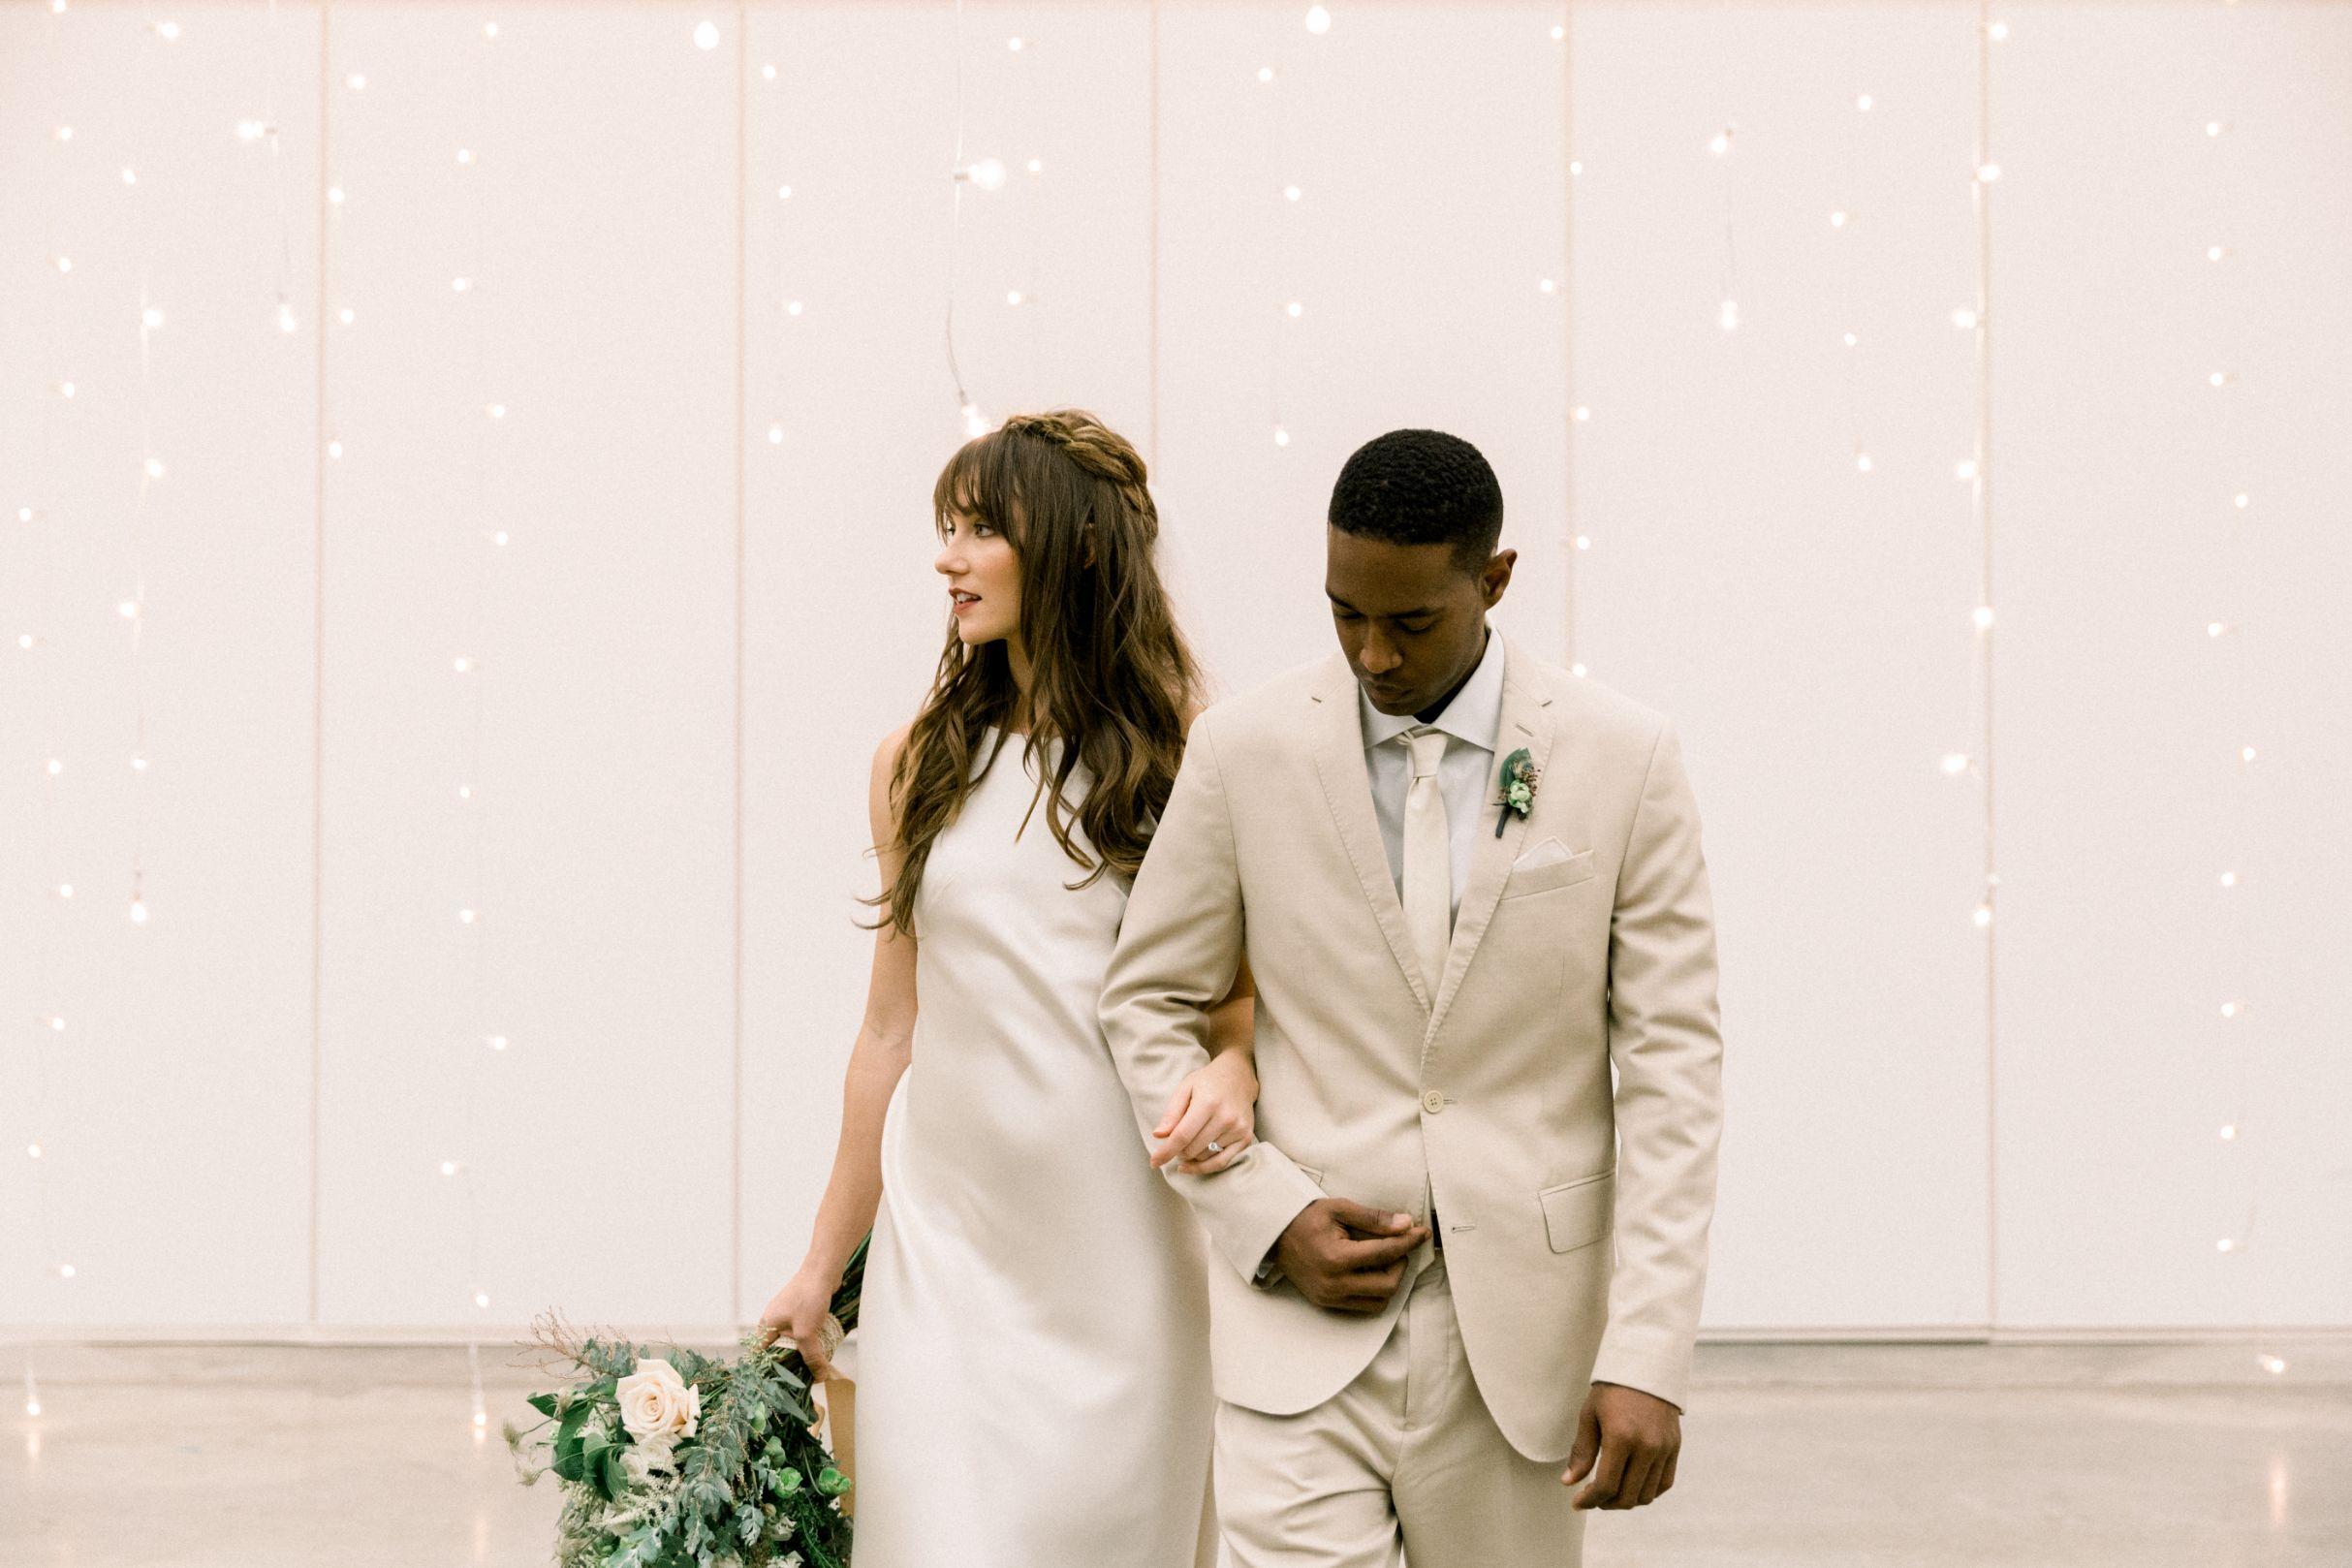 artists-for-humanity-industrial-bohemian-wedding-daylynn-designs337.jpg